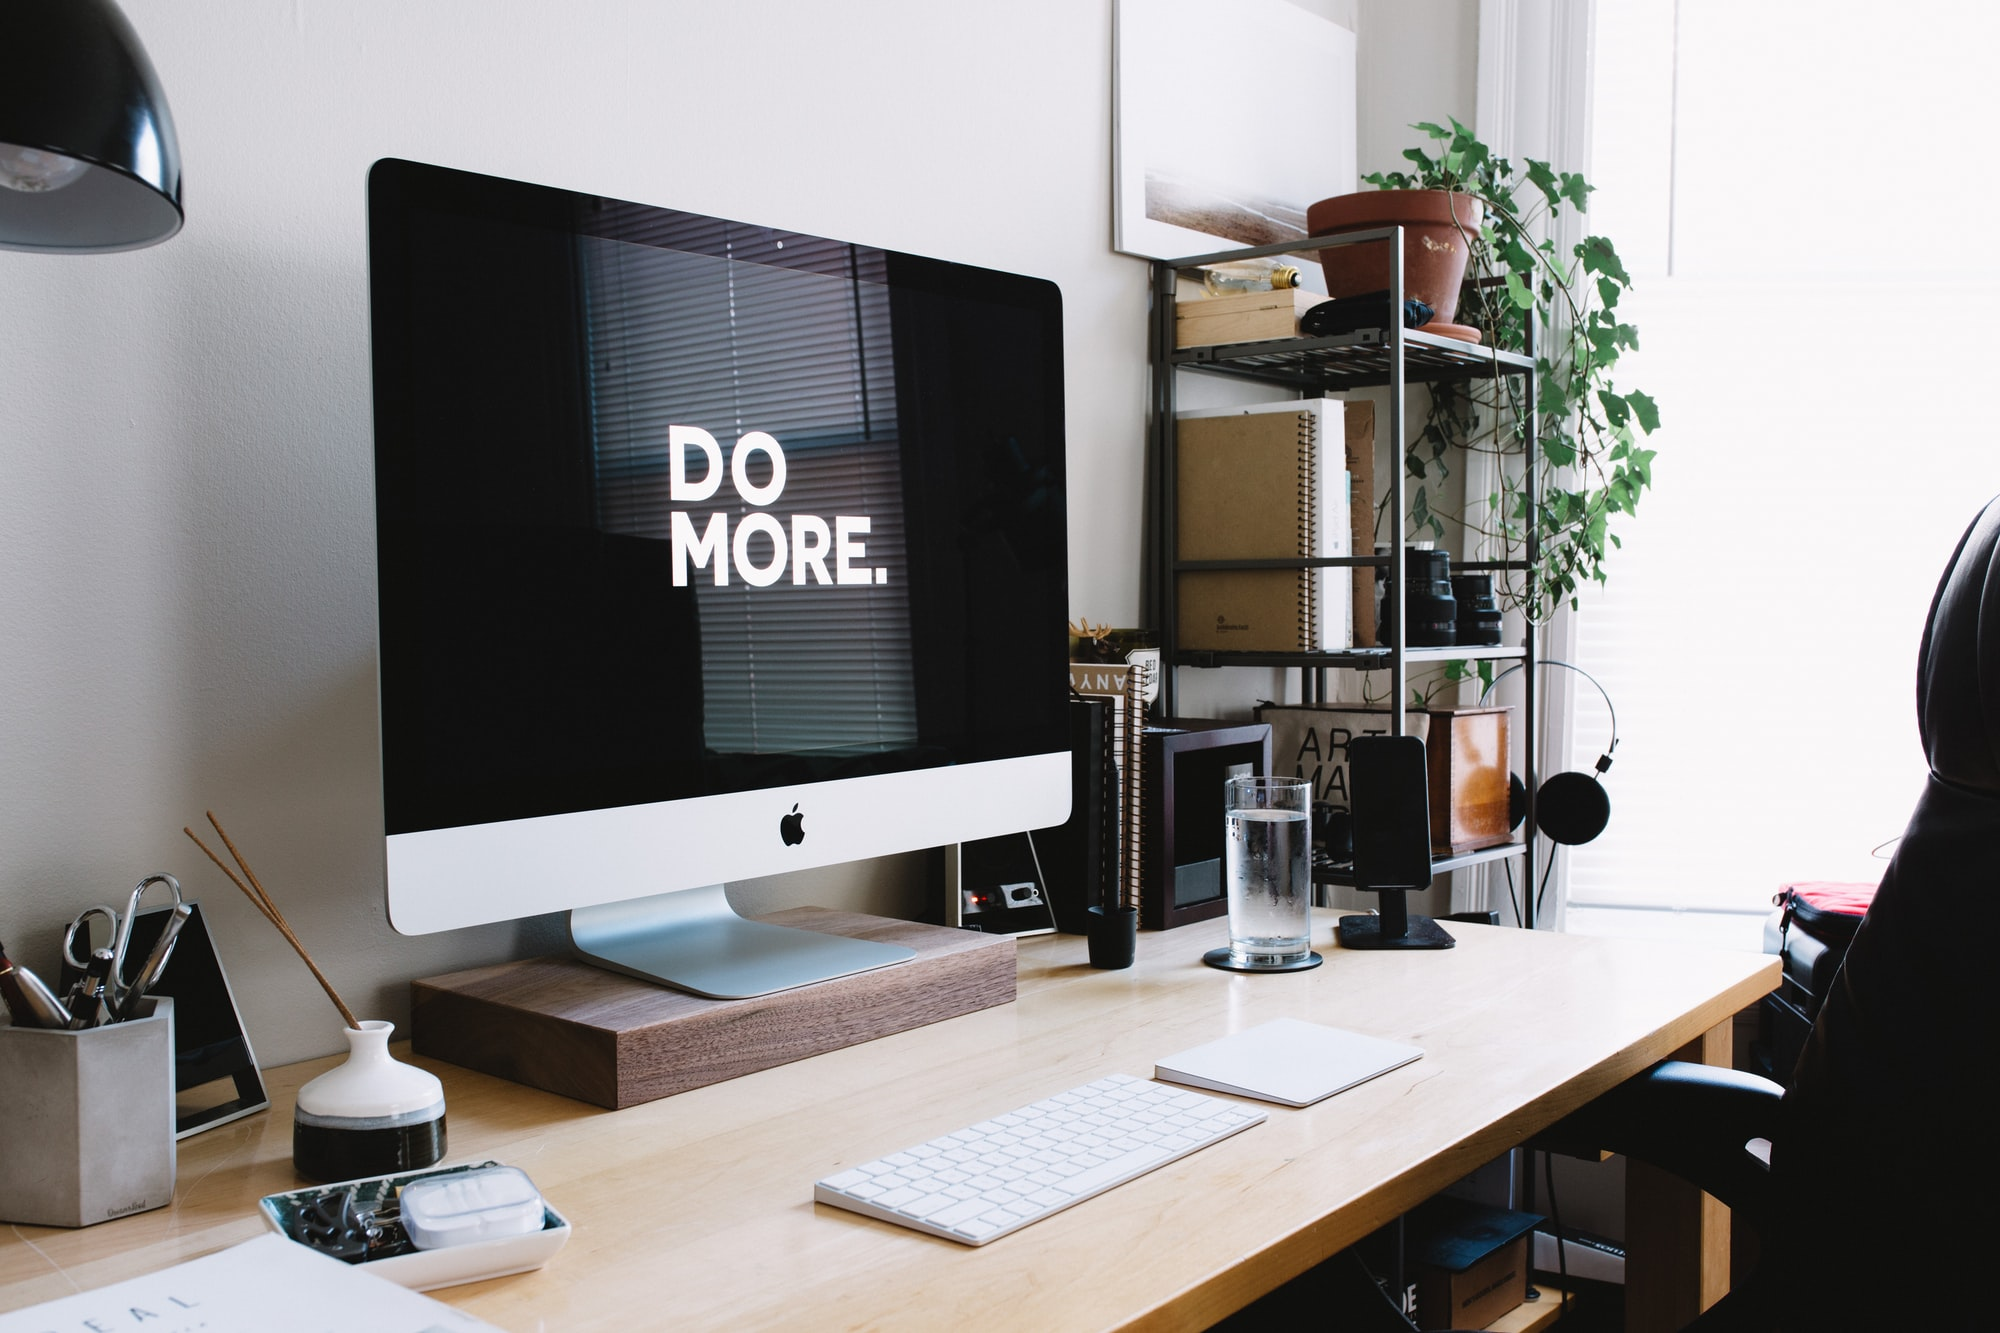 La Mejor Forma de Crear un Sistema de Productividad Estudiantil